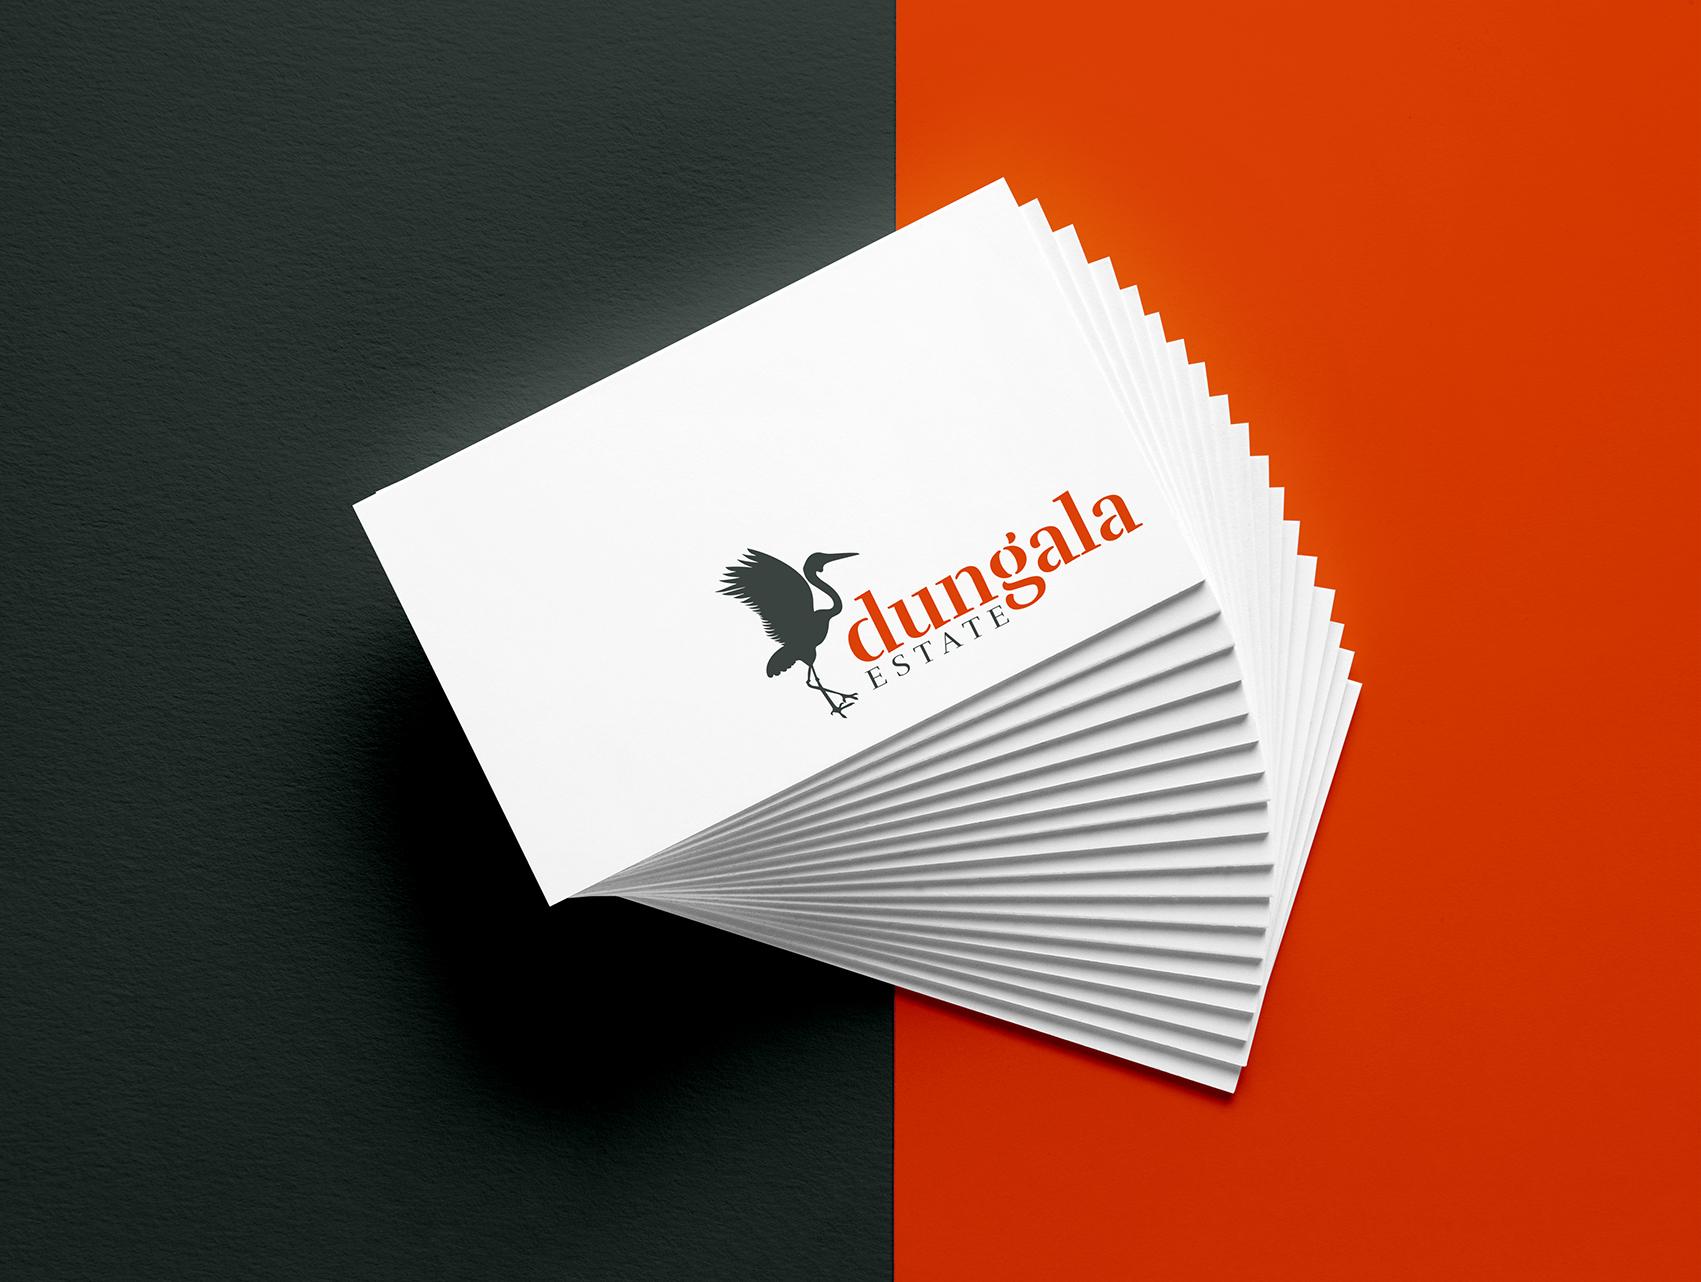 dungala bcard